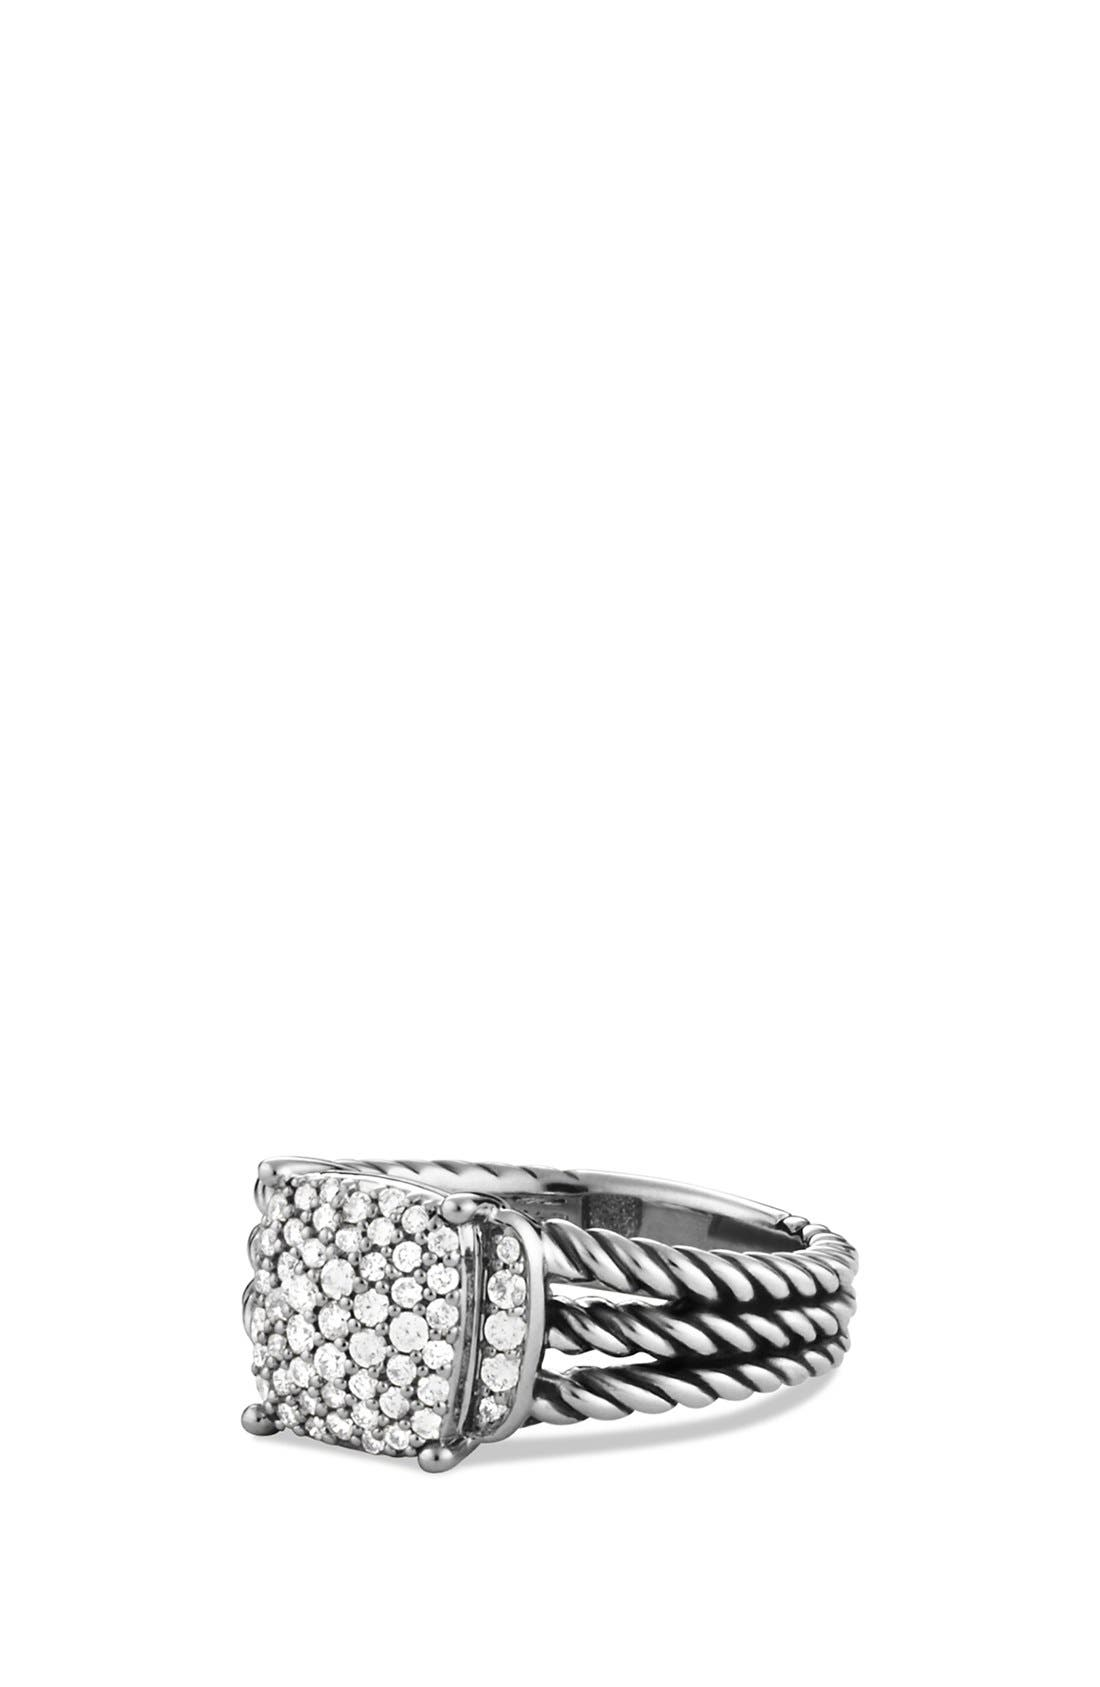 'Wheaton' Petite Ring with Diamonds,                         Main,                         color, DIAMOND